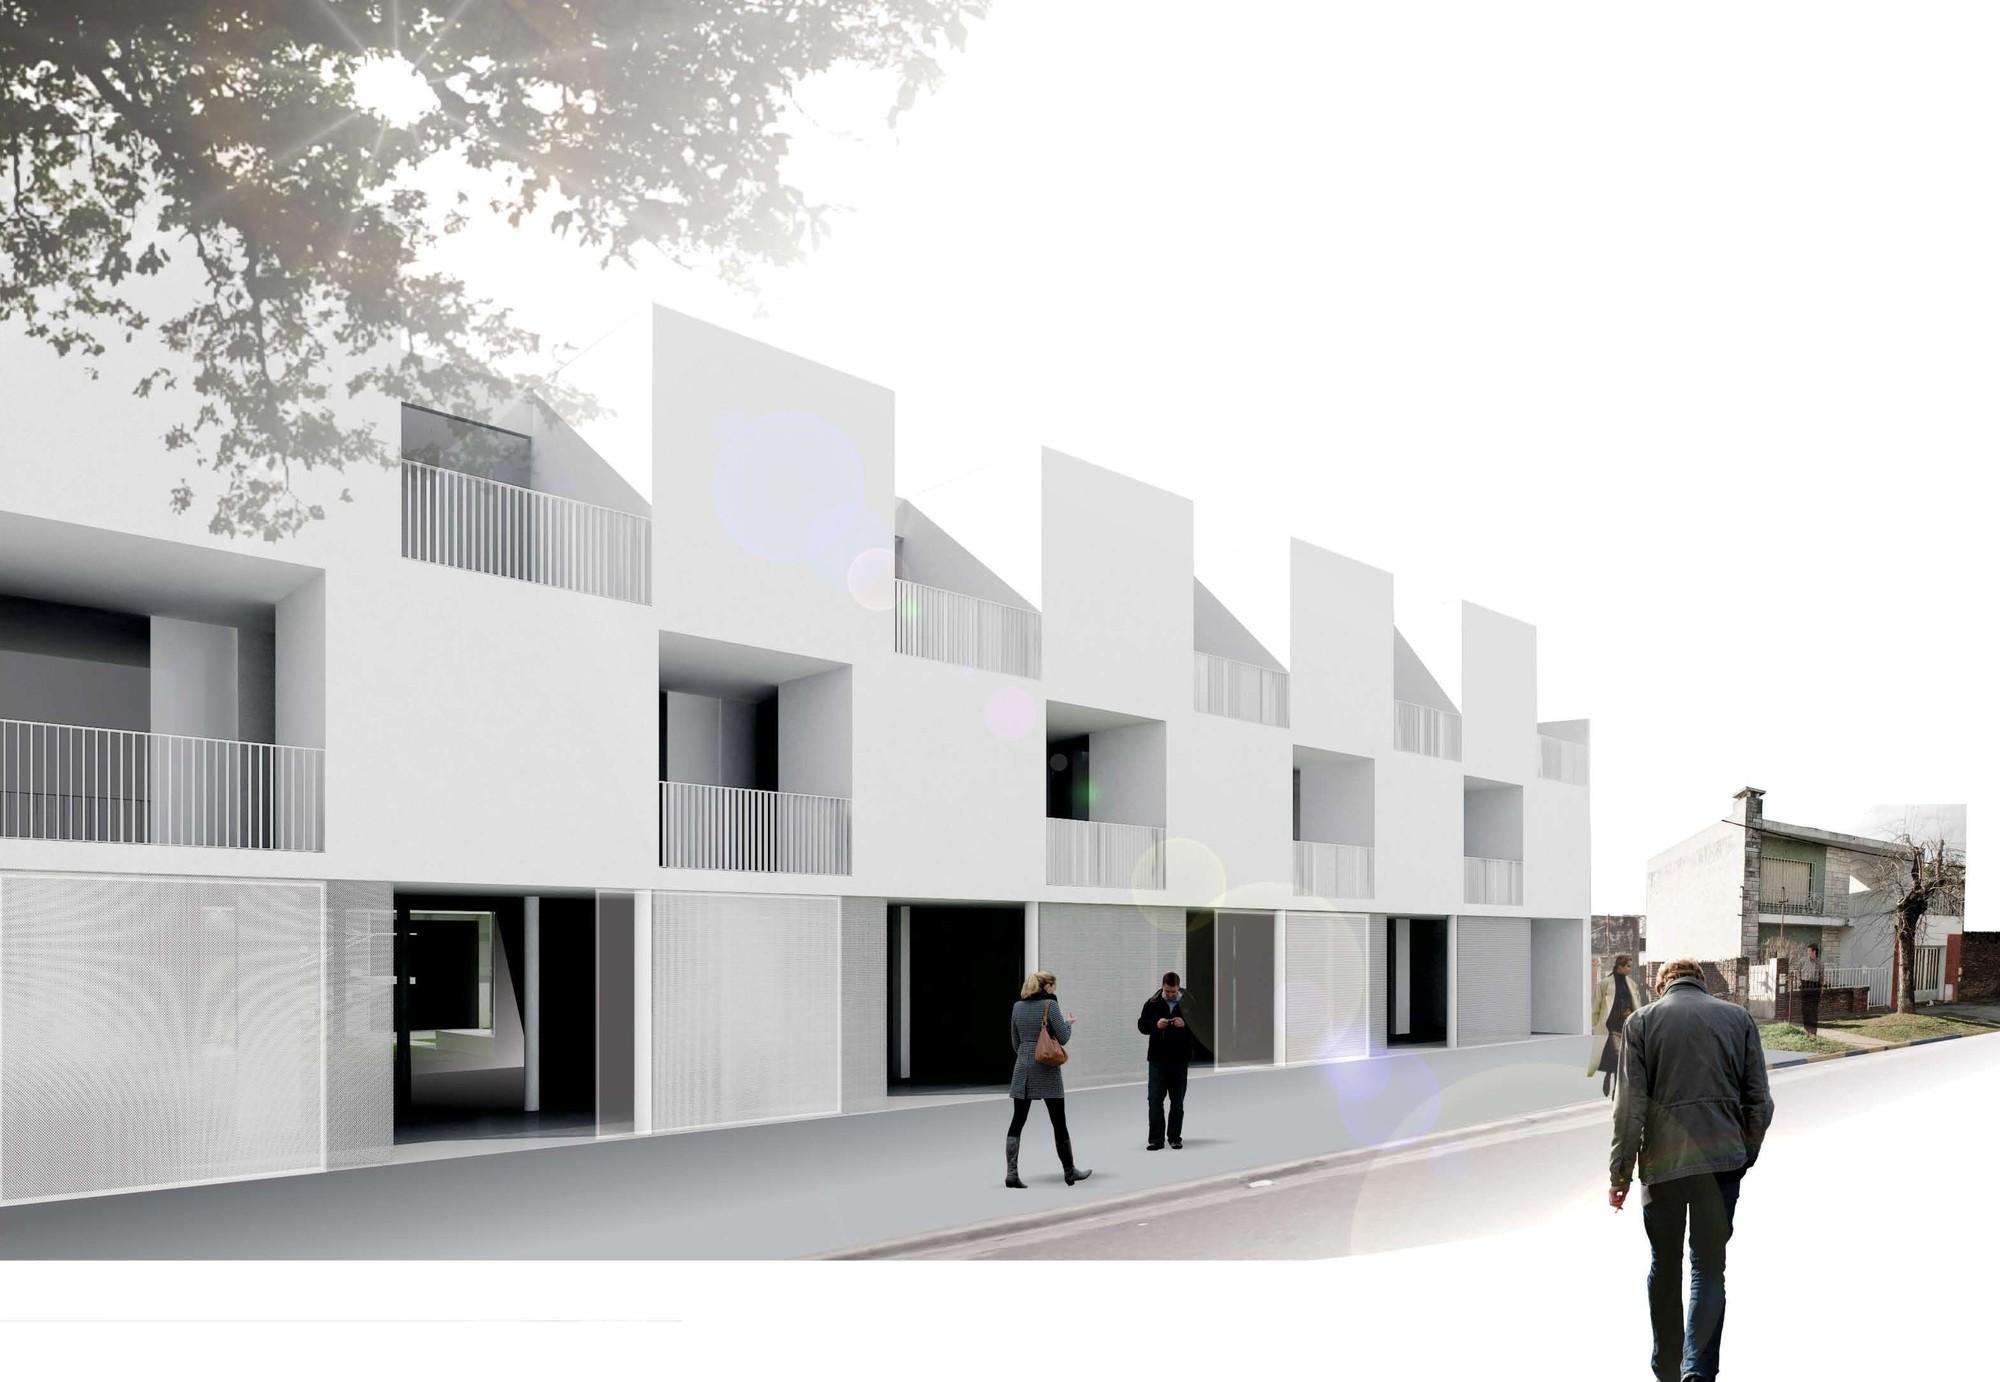 Casas modulares quito